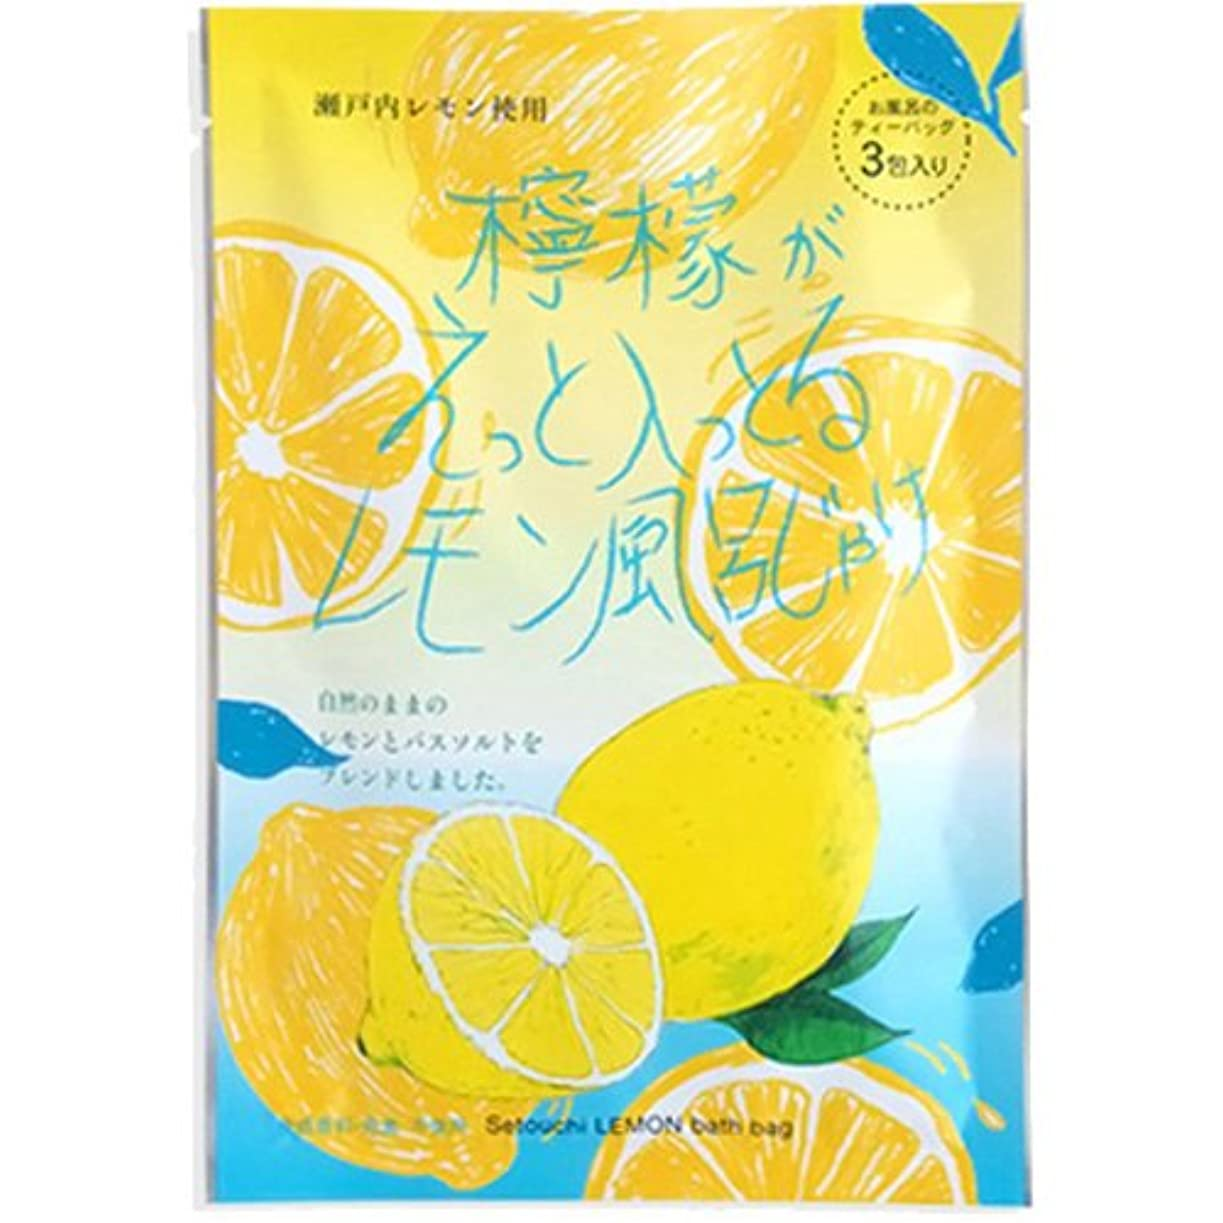 速い意味する獲物檸檬がえっと入っとるレモン風呂じゃけ